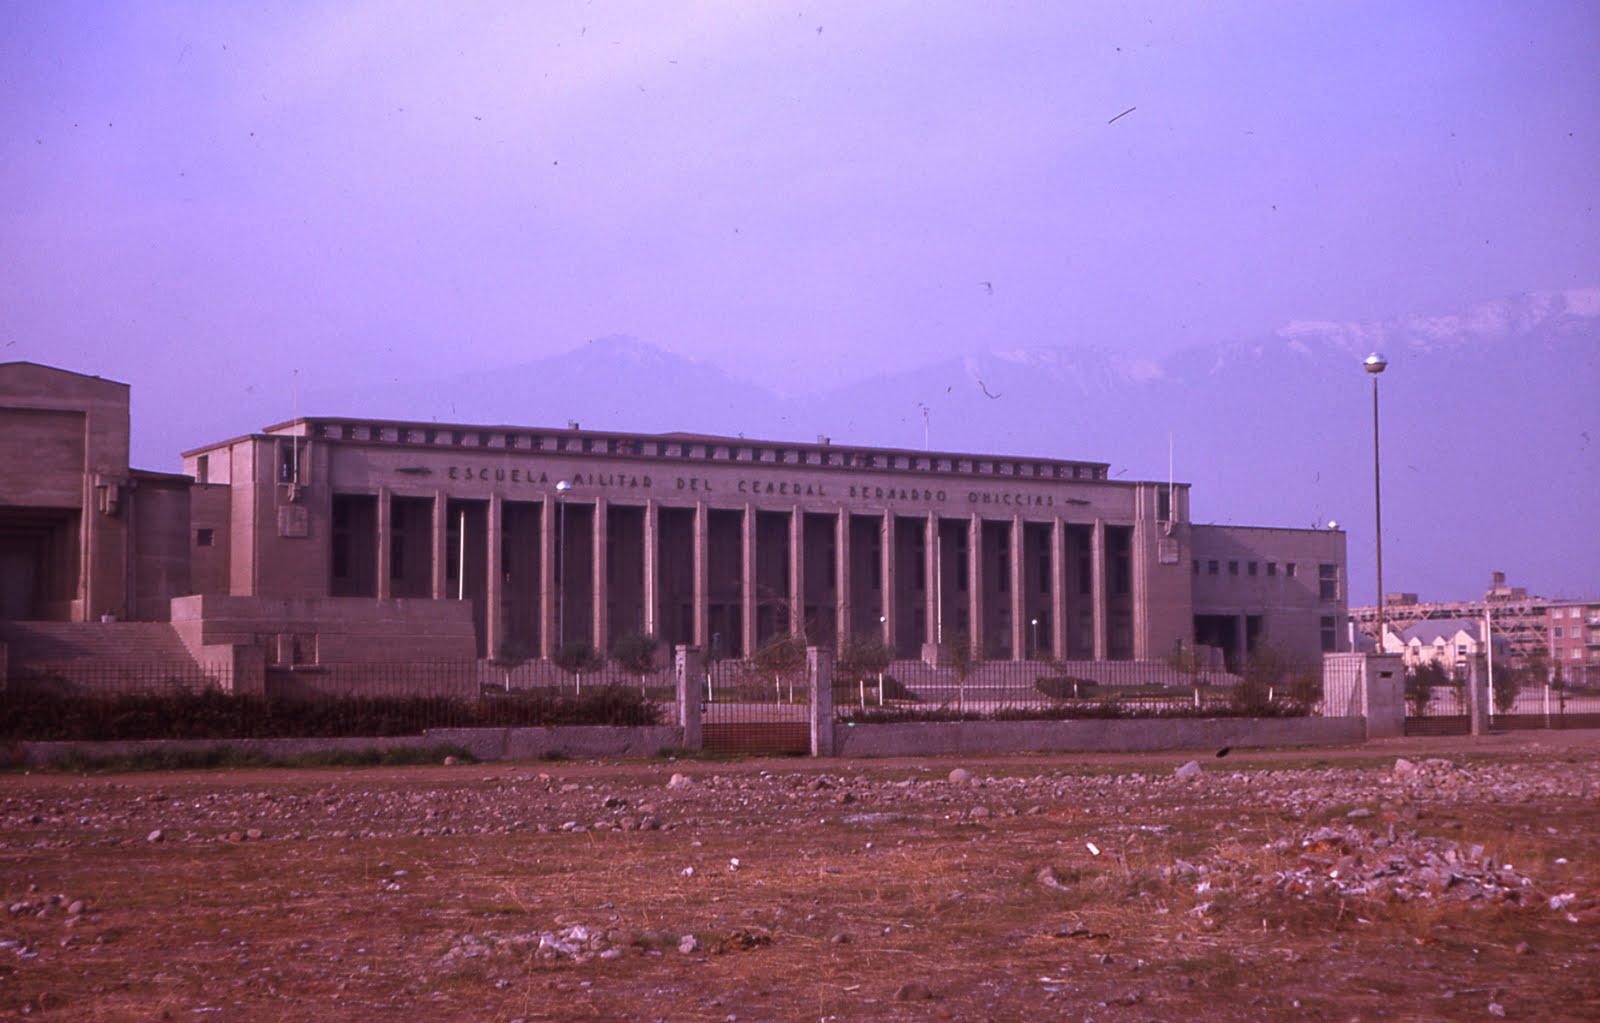 Enterreno - Fotos históricas de chile - fotos antiguas de Chile - Construcción Escuela Militar en 1963